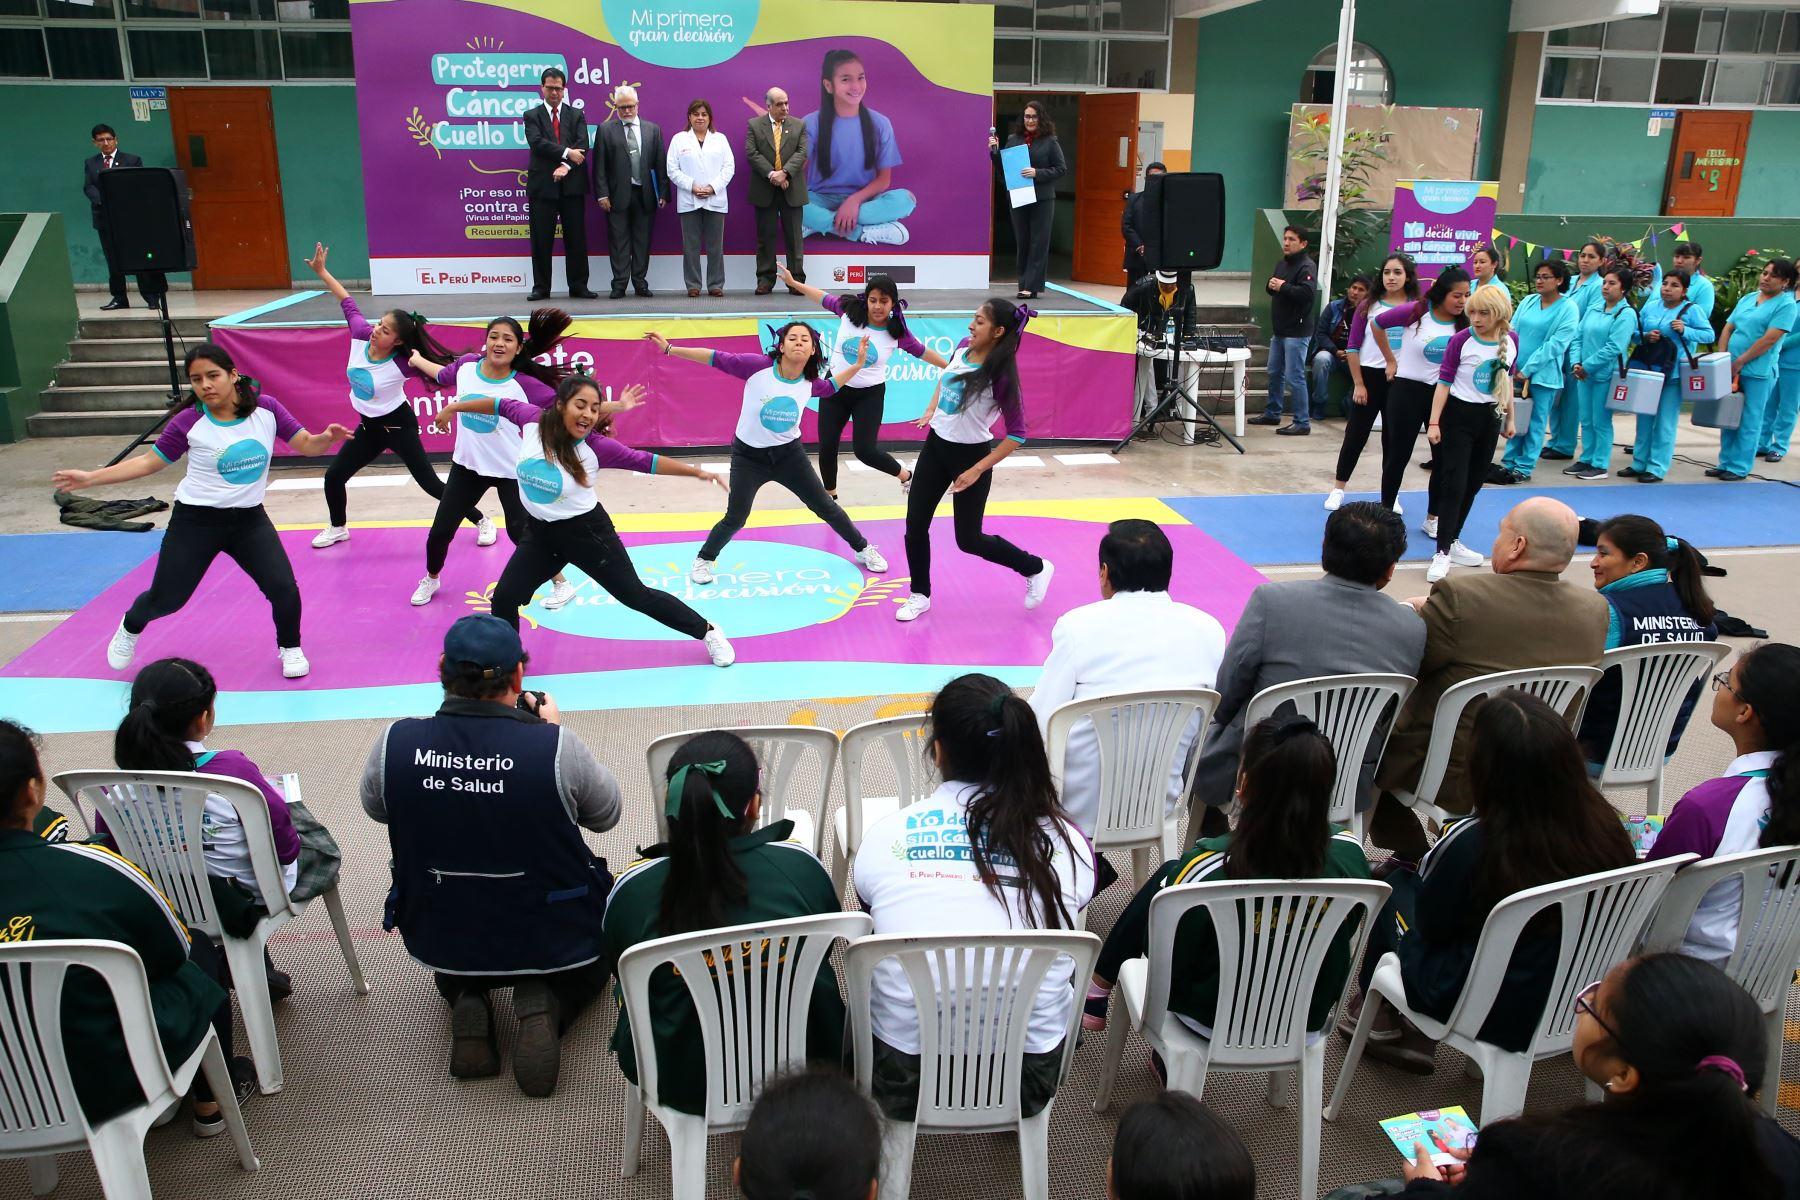 Con la presencia de la ministra de Salud, Zulema Tomàs, se lanza la Campaña Nacional de Segunda Dosis de la Vacuna del Papiloma Humano, en le colegio Elvira garcia y Garcia.  Foto: ANDINA/Melina Mejía